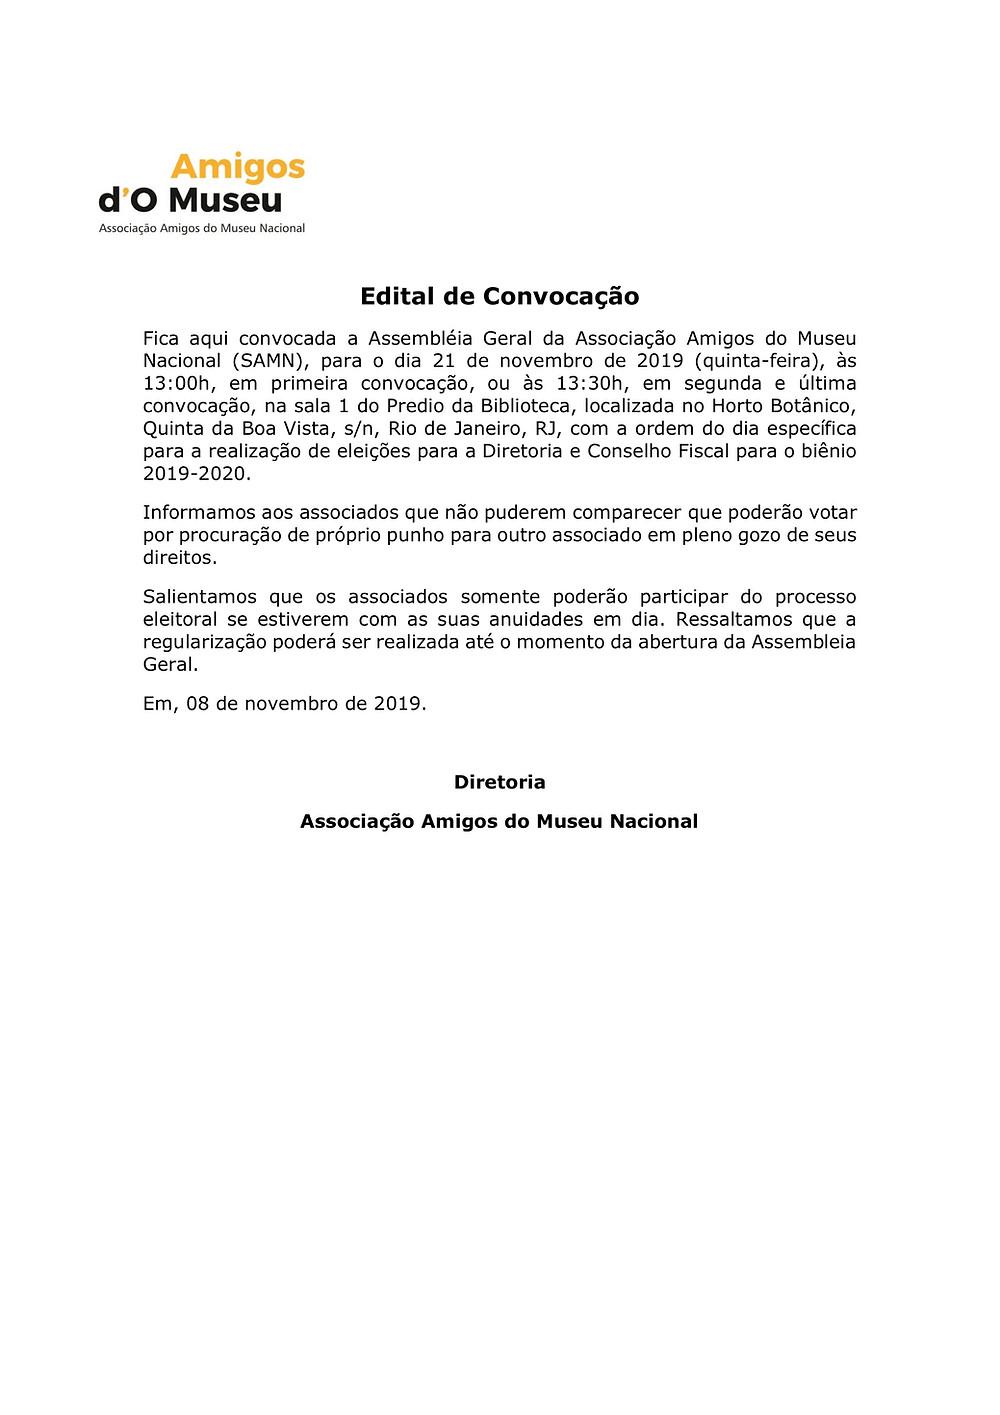 Documento oficial de convocação da Assembleia Geral Ordinária